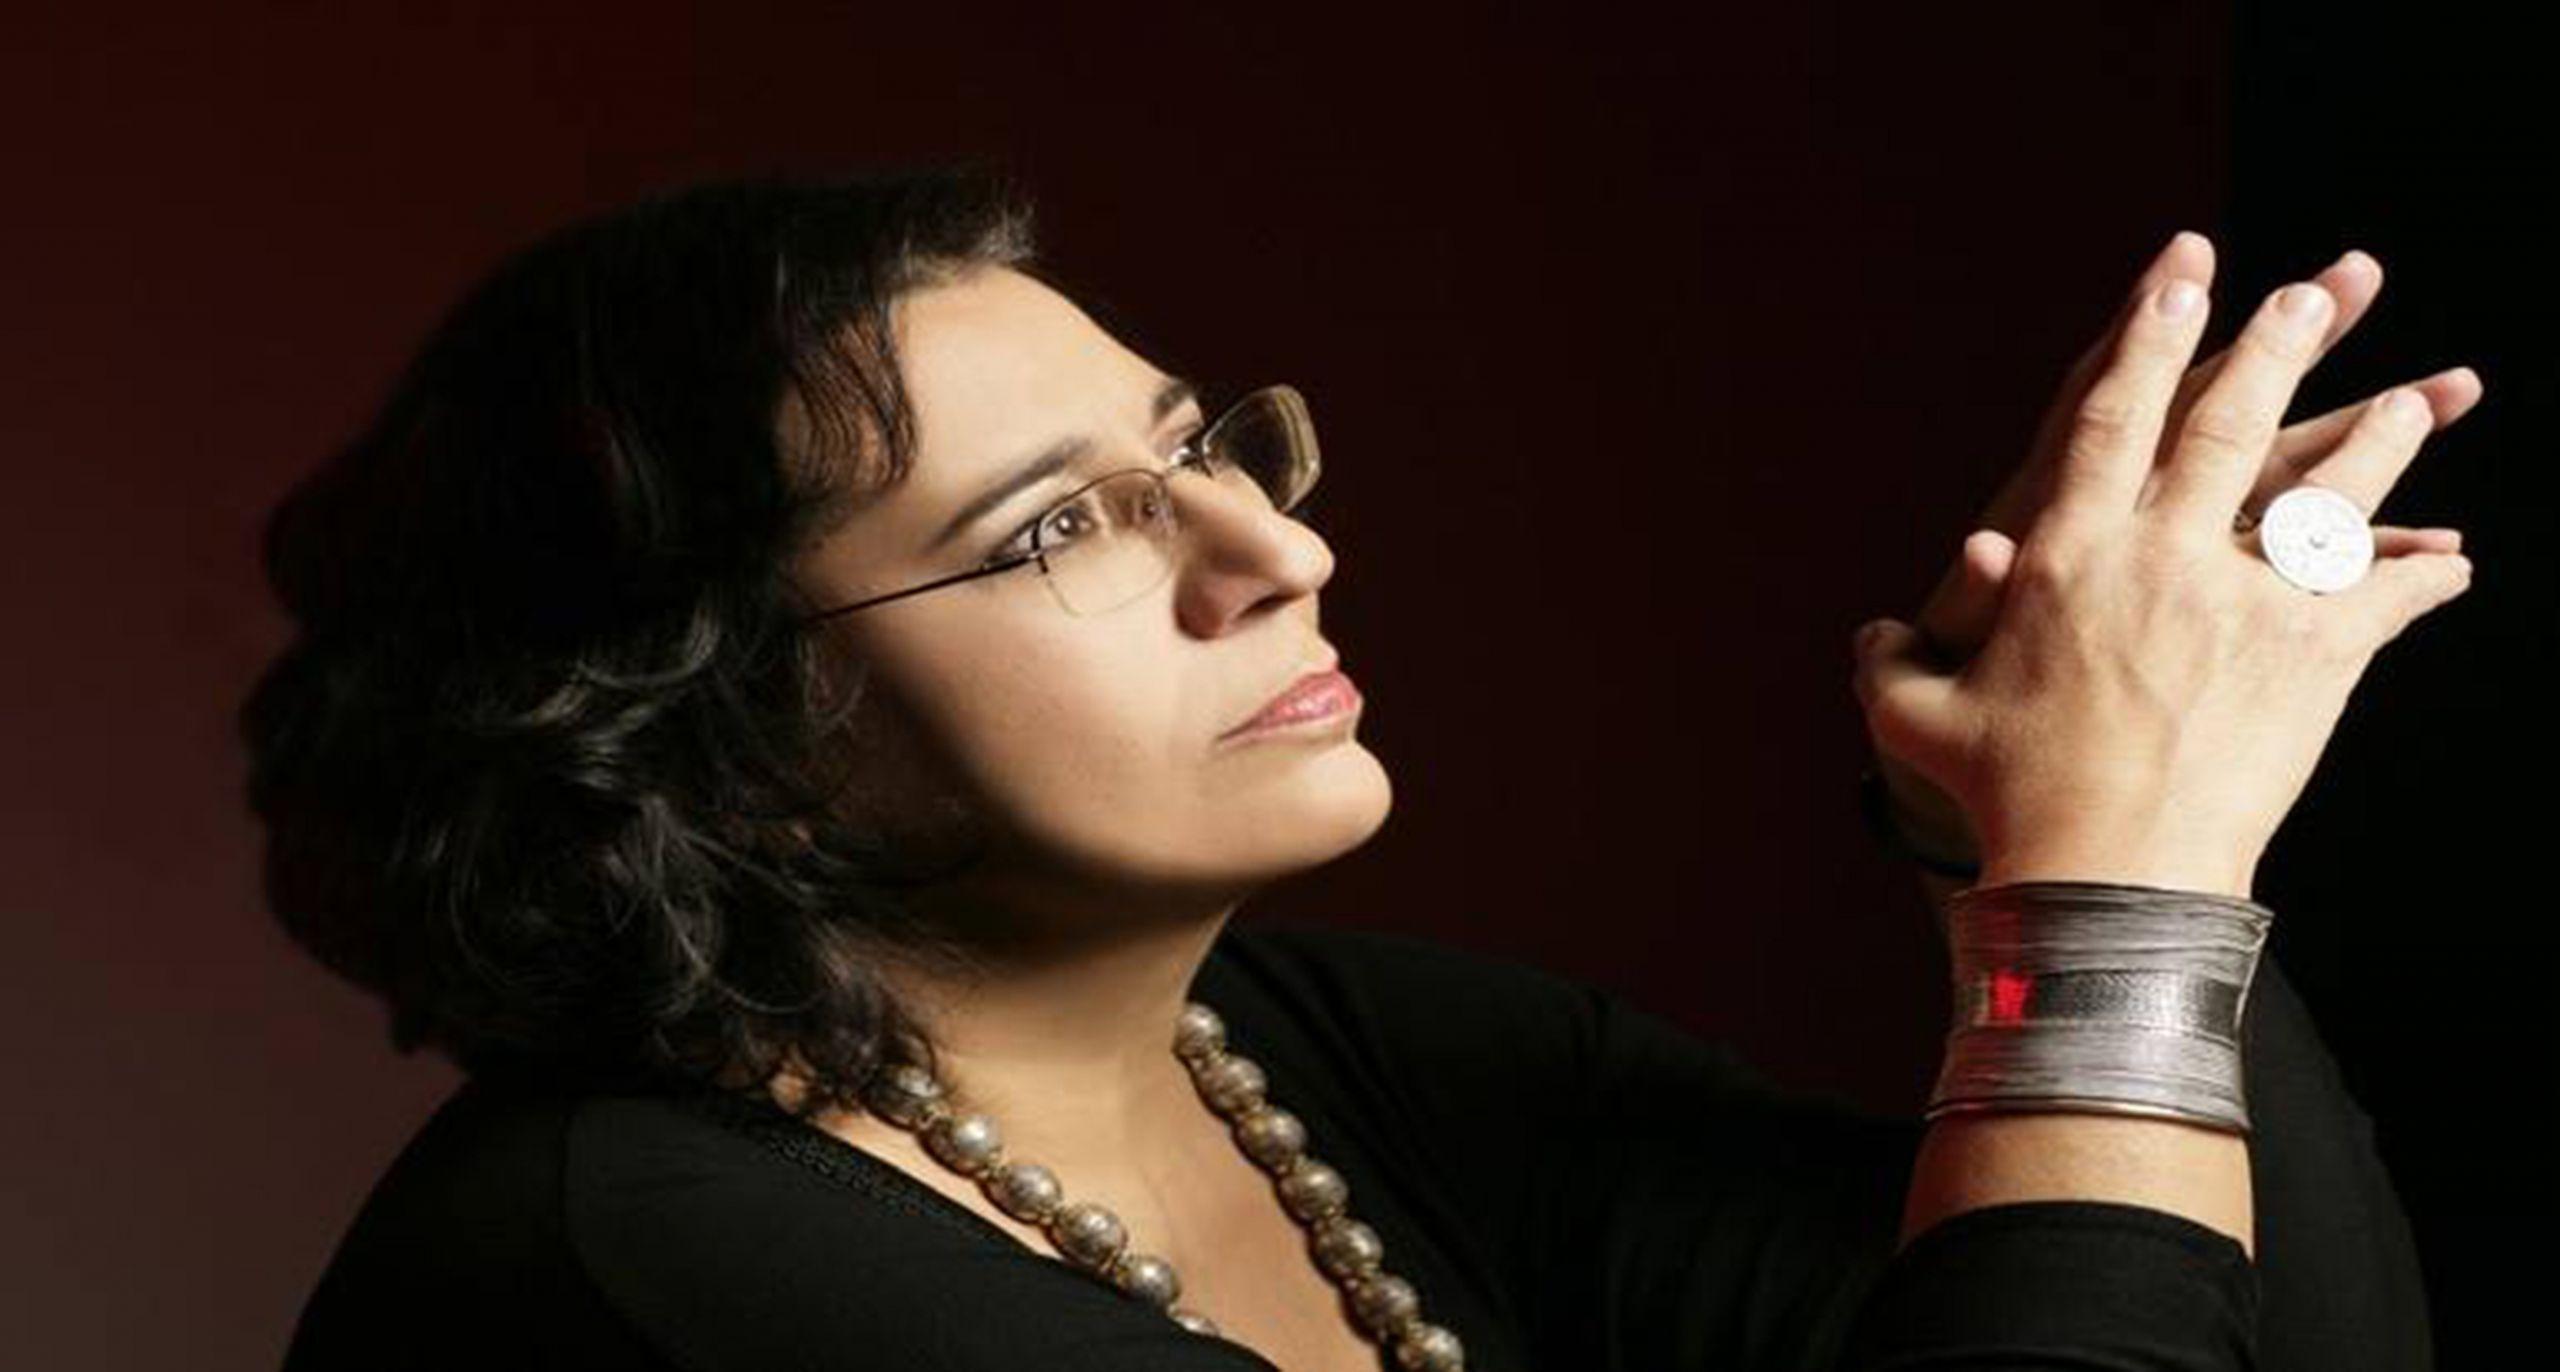 «Επέστρεφε στην ποίηση» με την Μαρία Φαραντούρη στο Μέγαρο Μουσικής Αθηνών